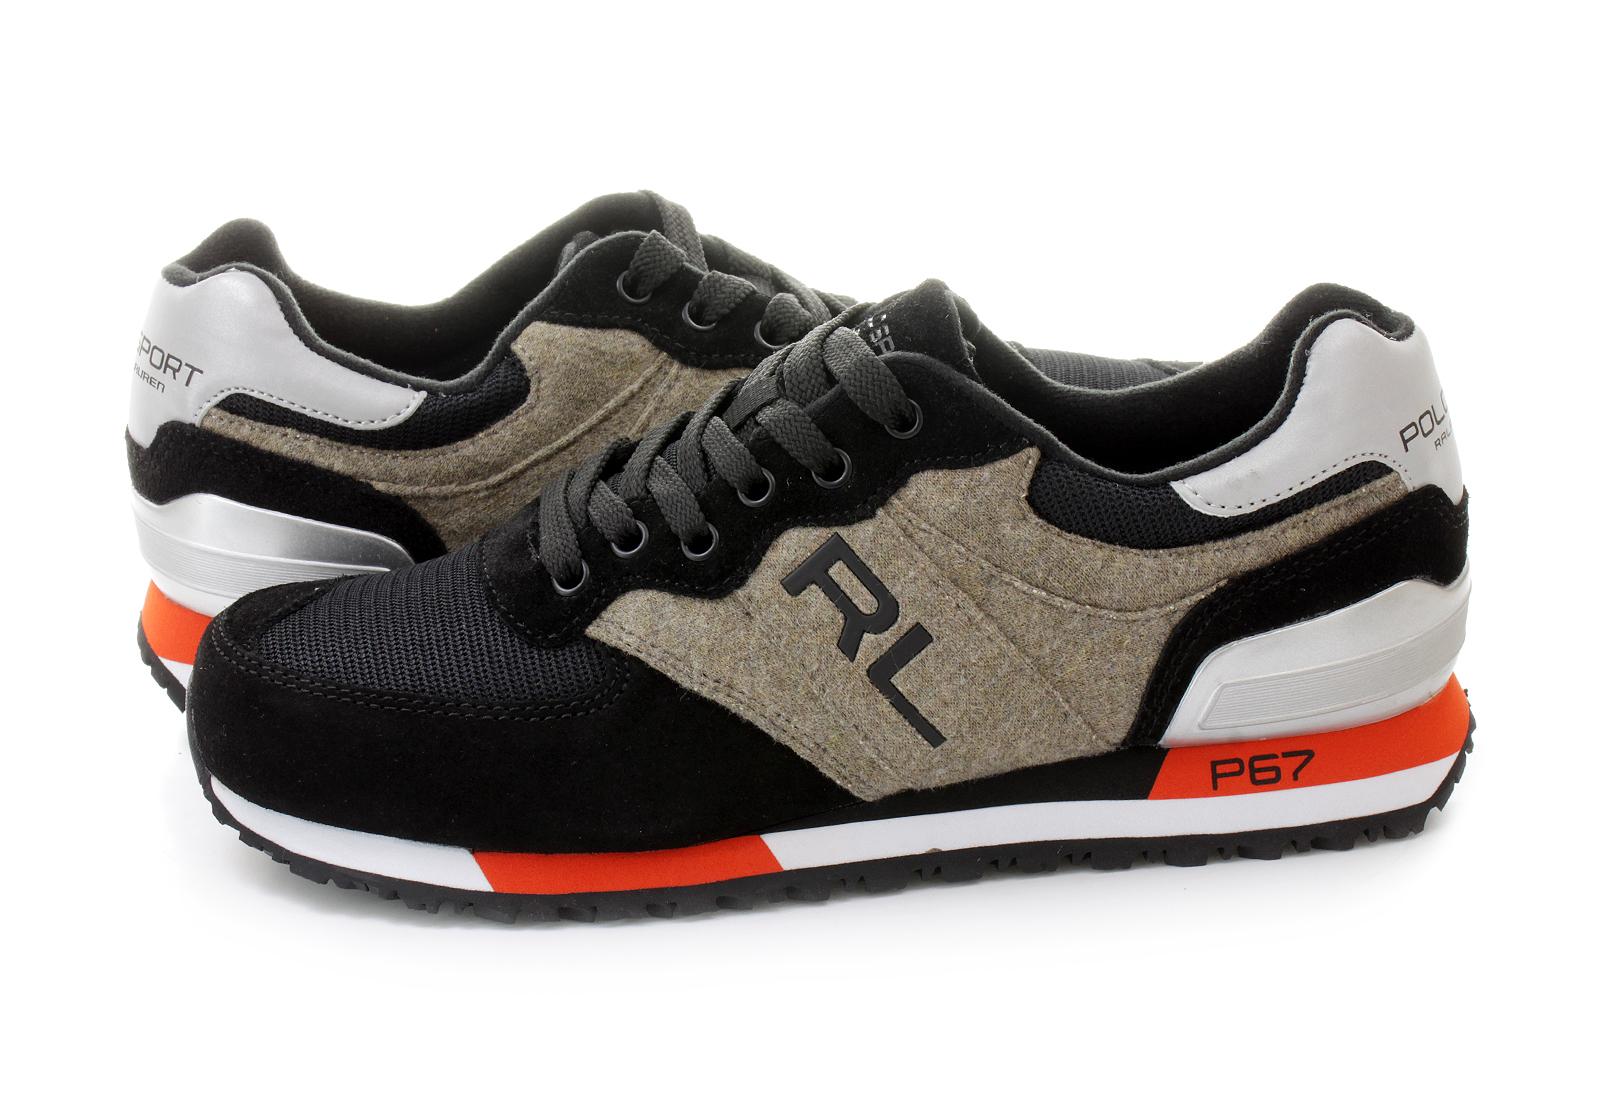 Polo Ralph Lauren Shoes Slaton Rl 809650694001